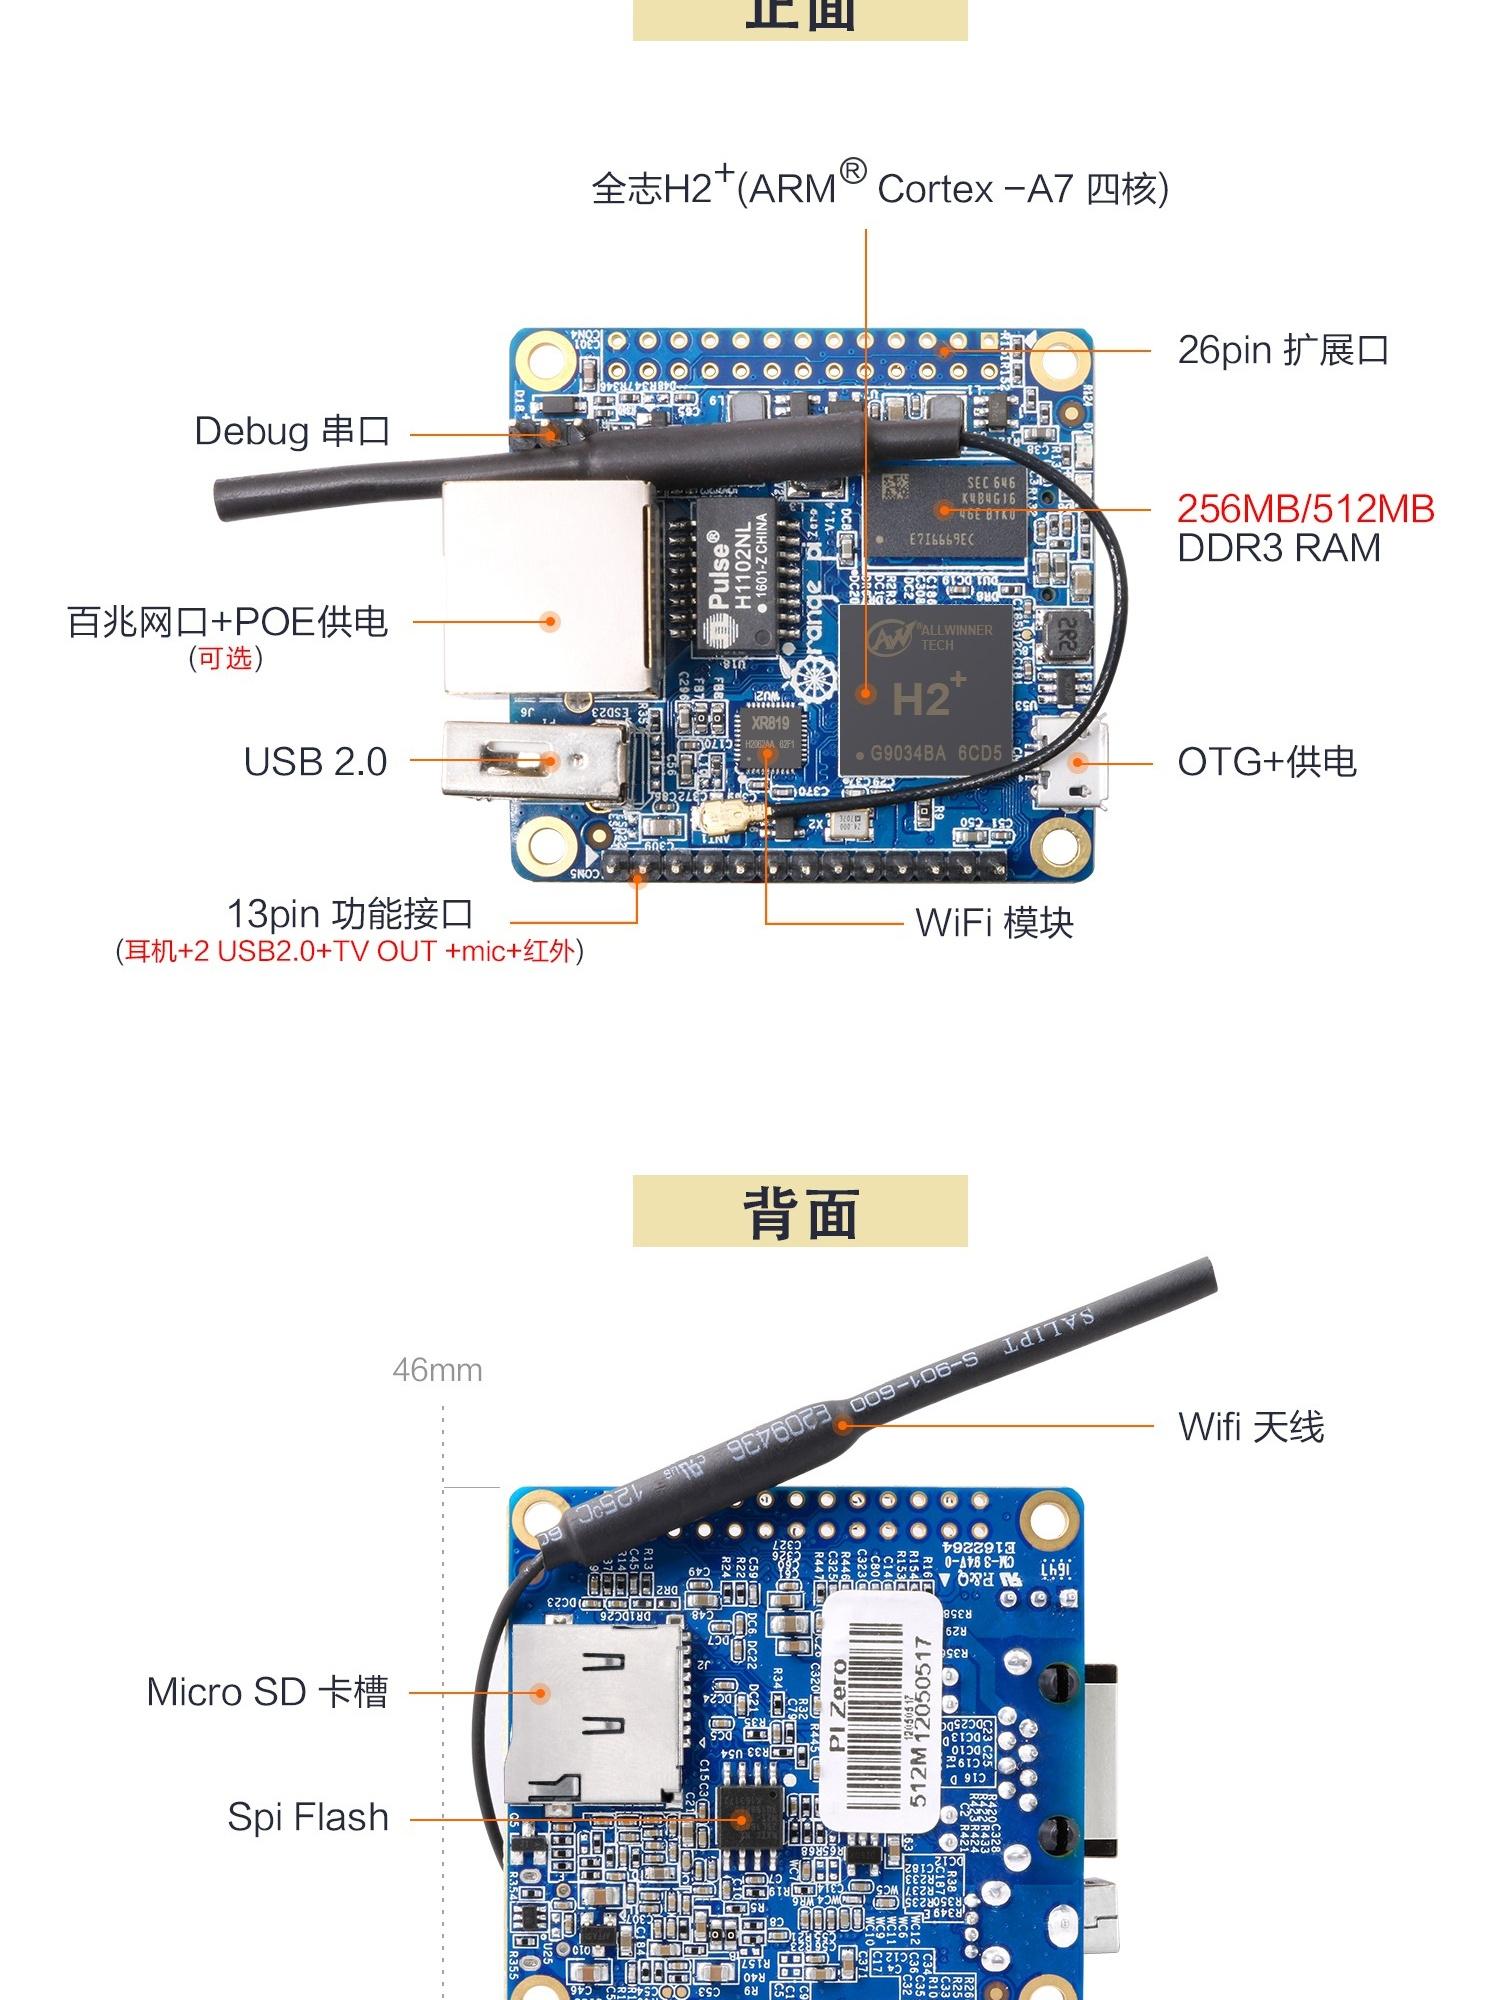 全志H2方案OrangePi Zero开发板安卓系统下网络ADB的使用方法